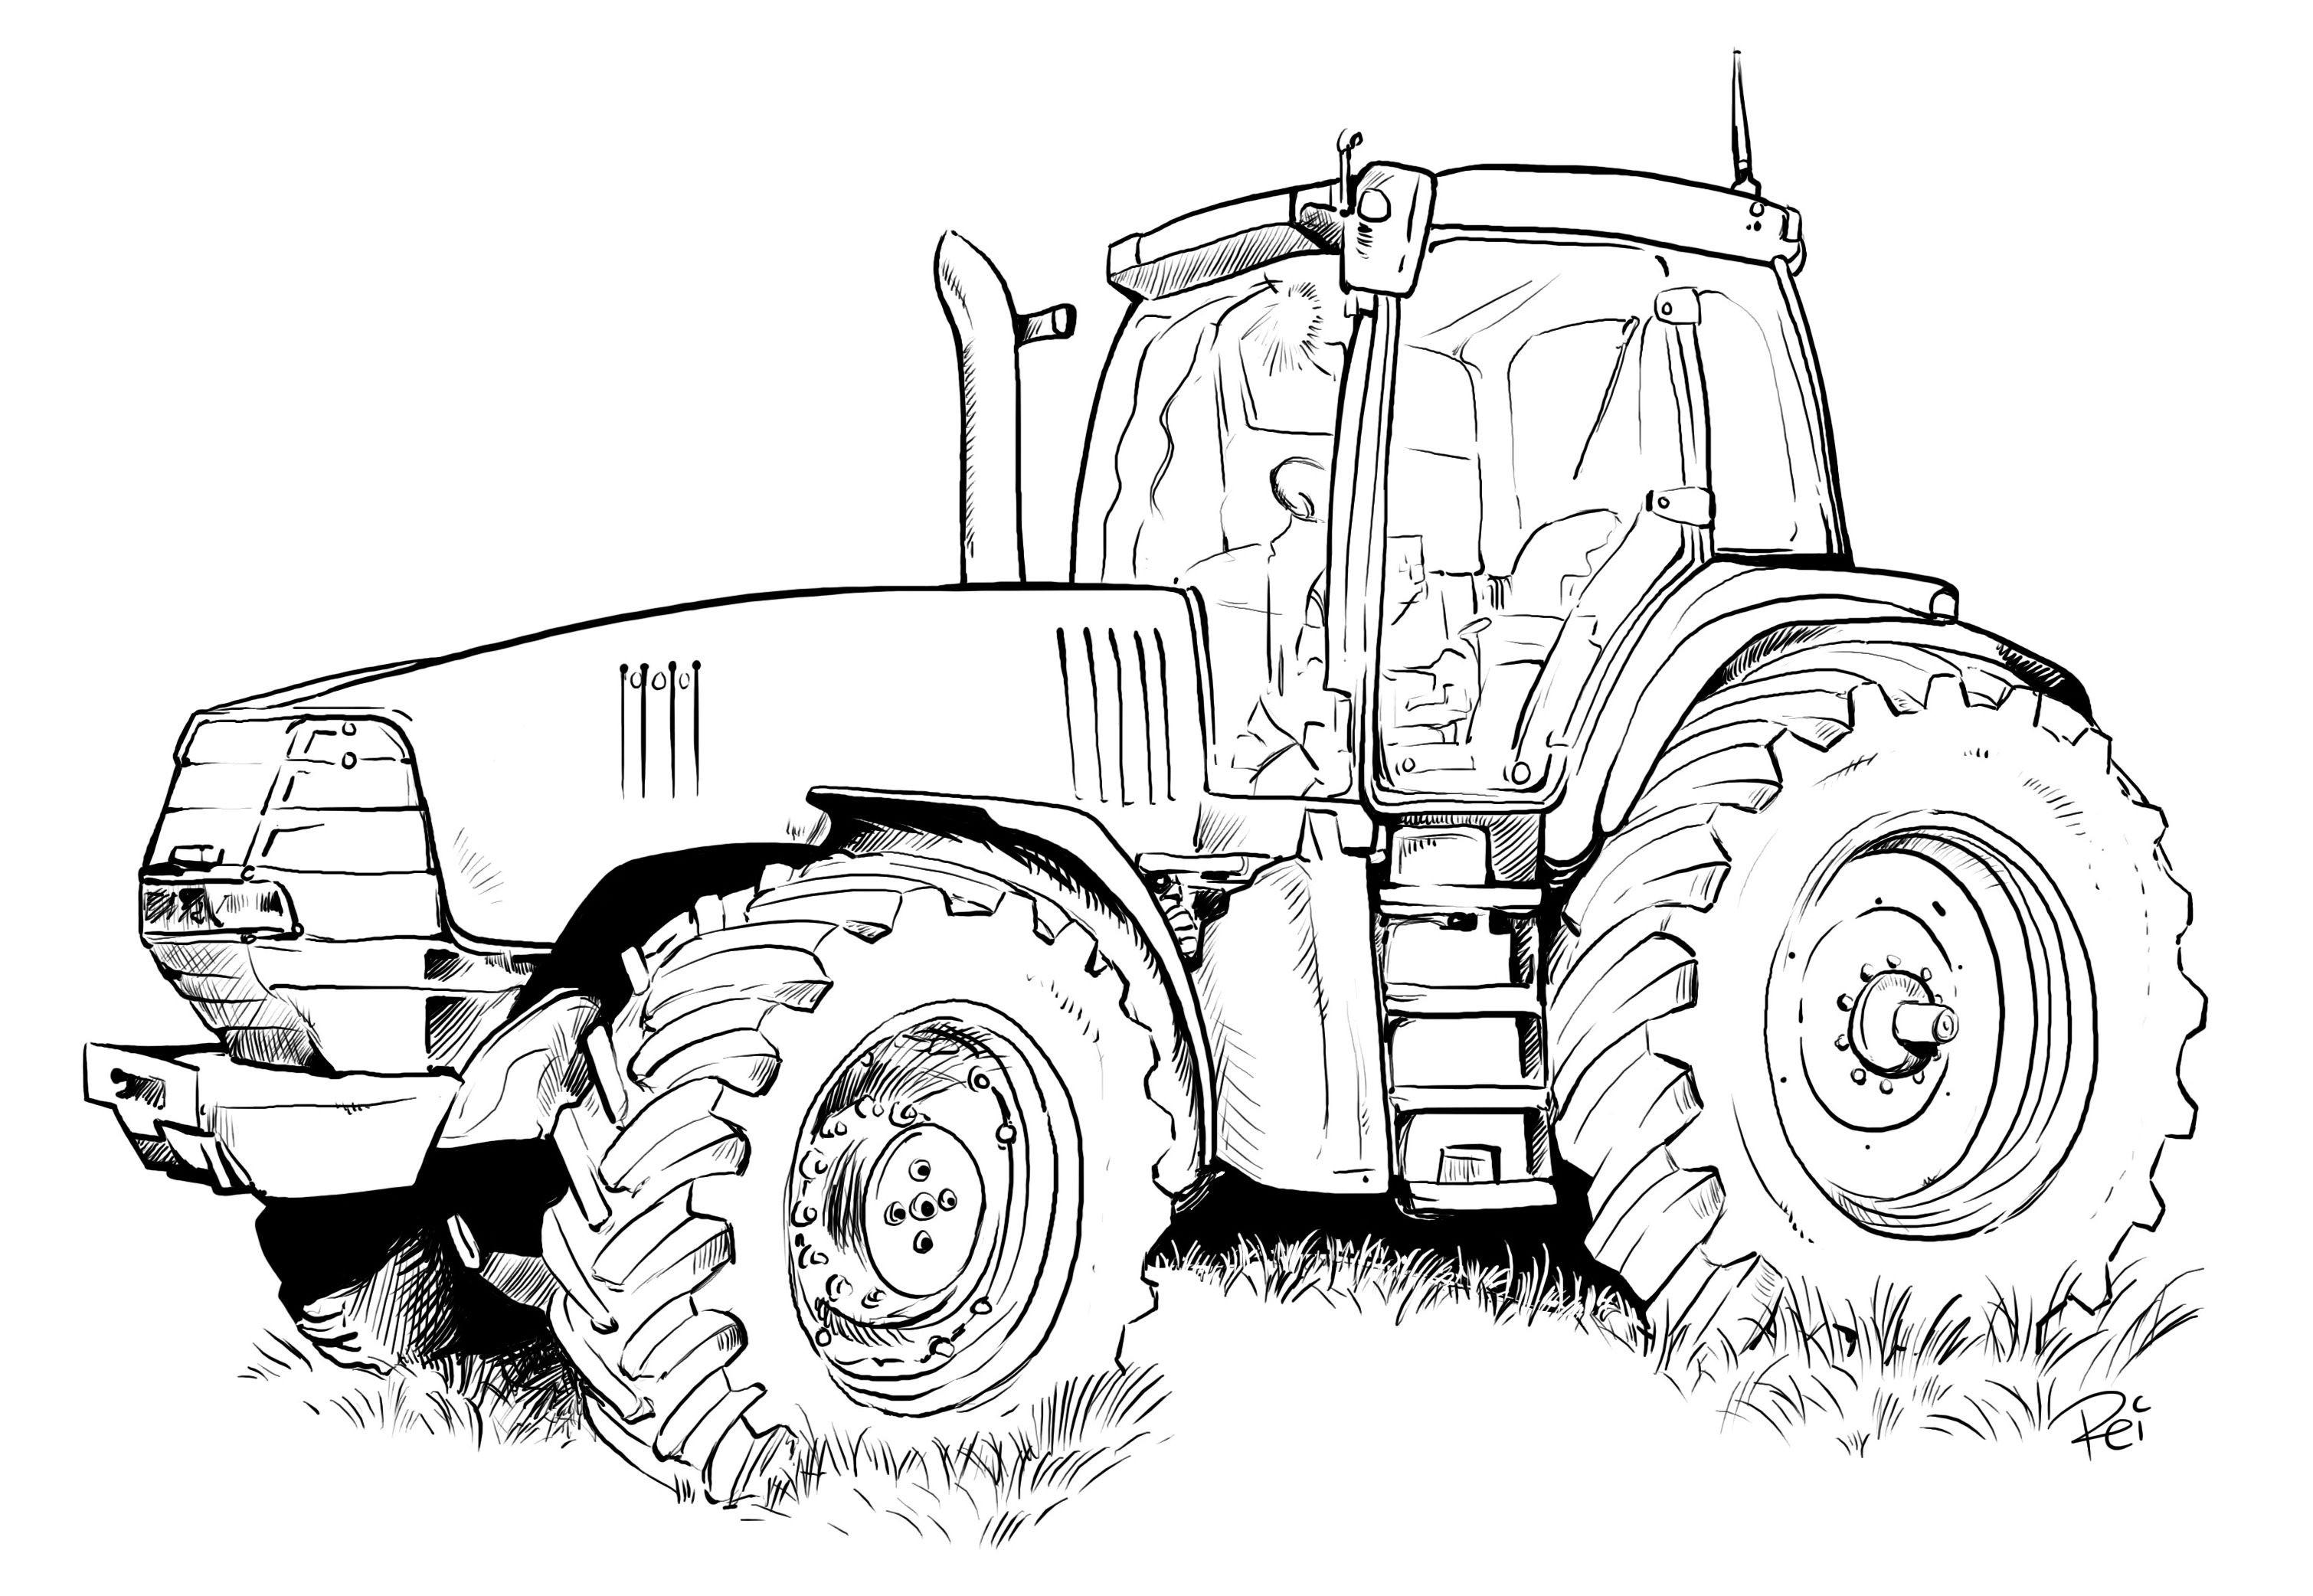 Pippi Langstrumpf Ausmalbilder Genial Traktoren Bilder Zum Ausmalen Bildervorlagen E Malen Neu Pippi Das Bild